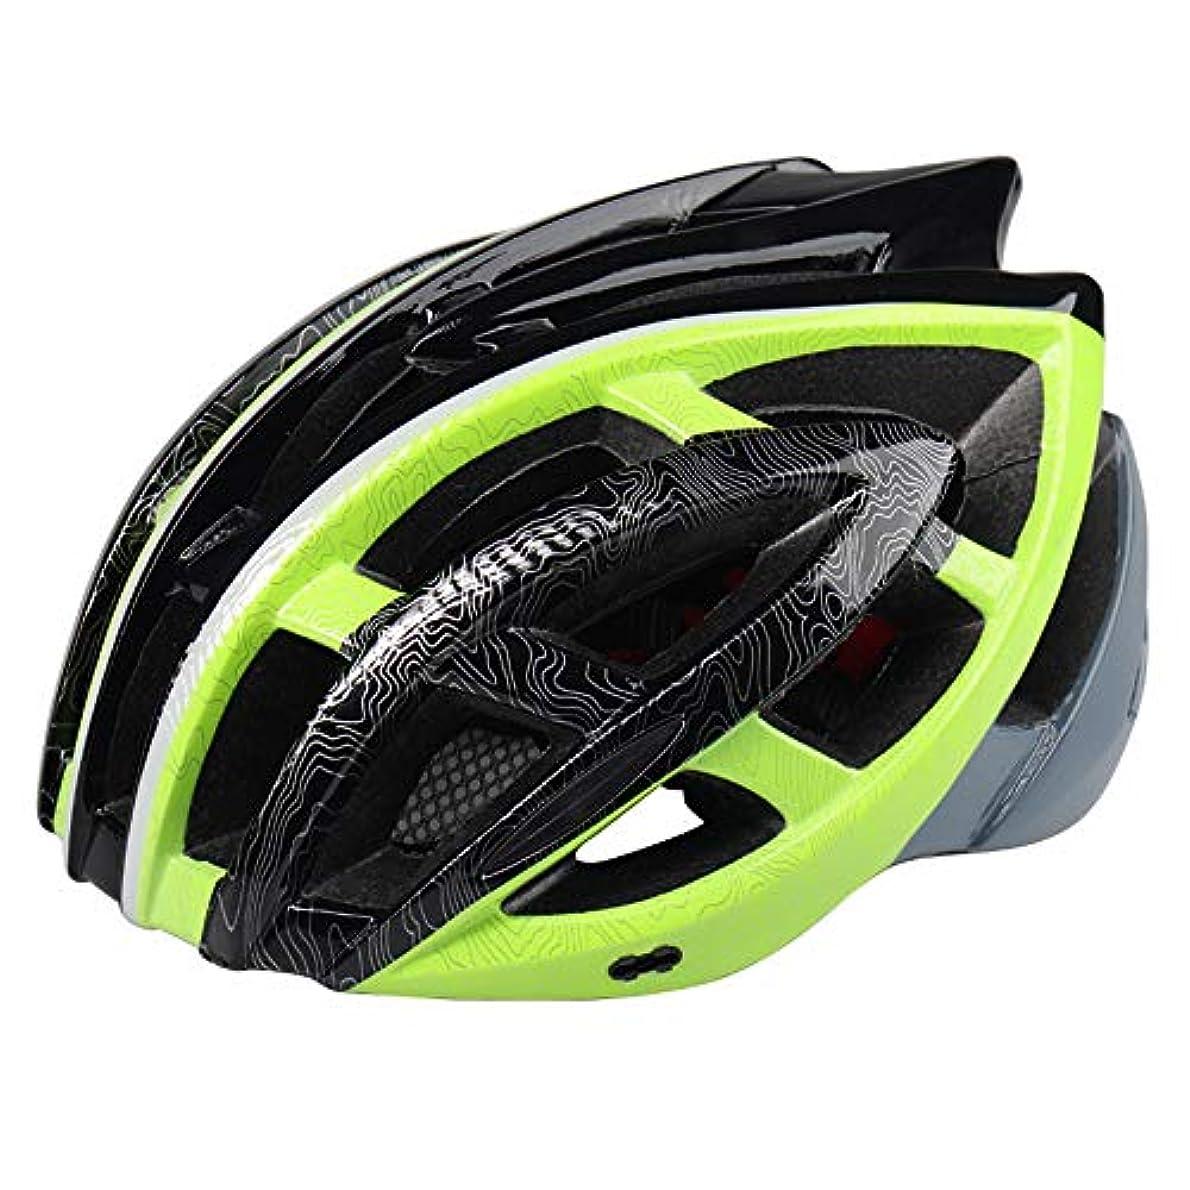 半導体嫌悪ようこそマウンテンロードバイクスケートの屋外スポーツ用品に適した自転車用ヘルメット、取り外し可能な 乗馬用ヘルメット